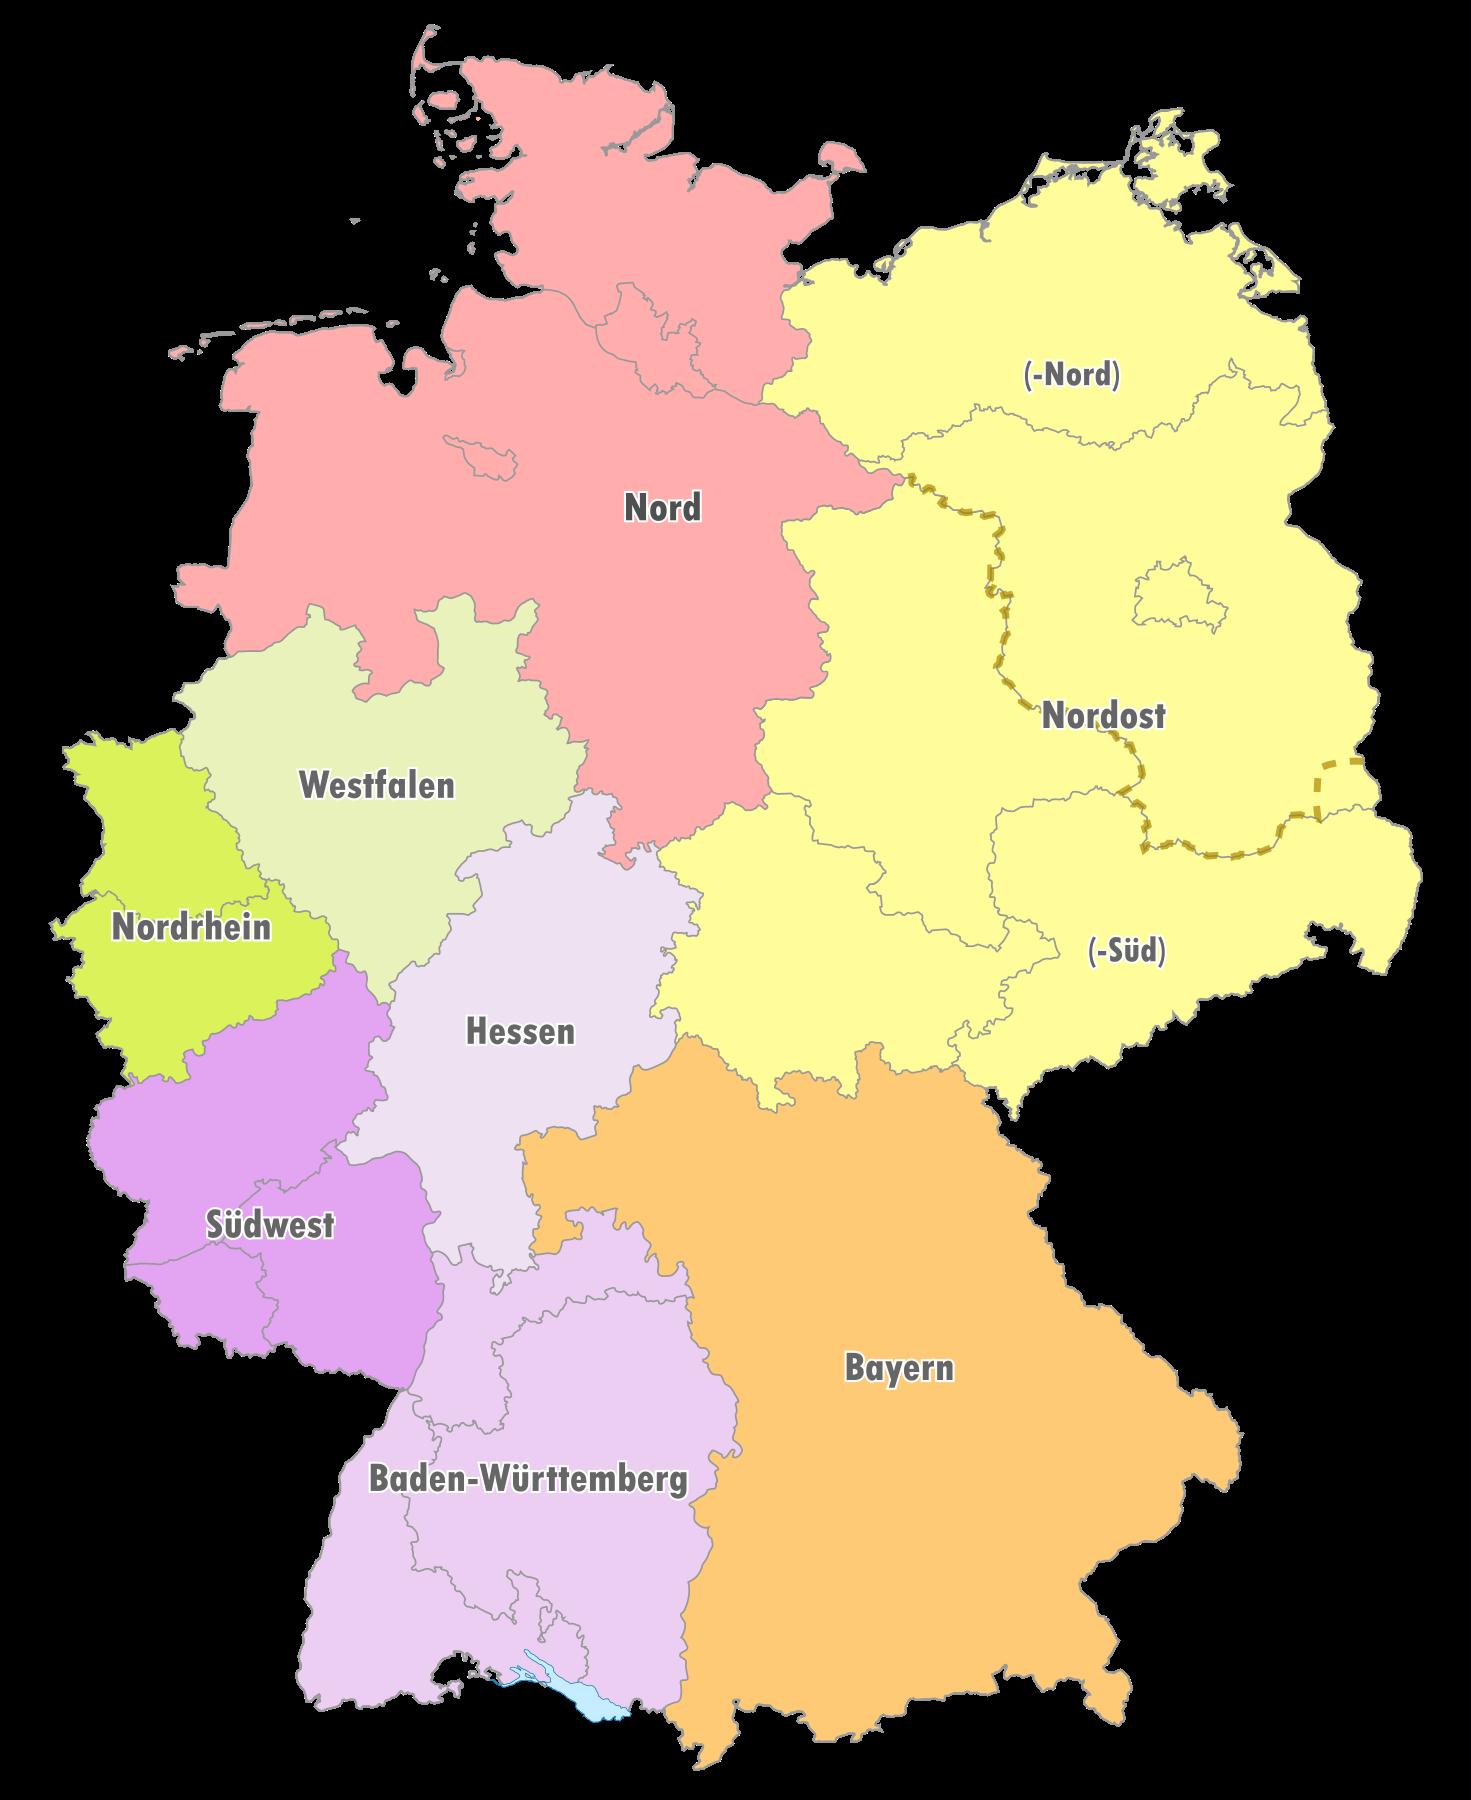 Geografische Einteilung der Oberligen zur Saison 2005/06